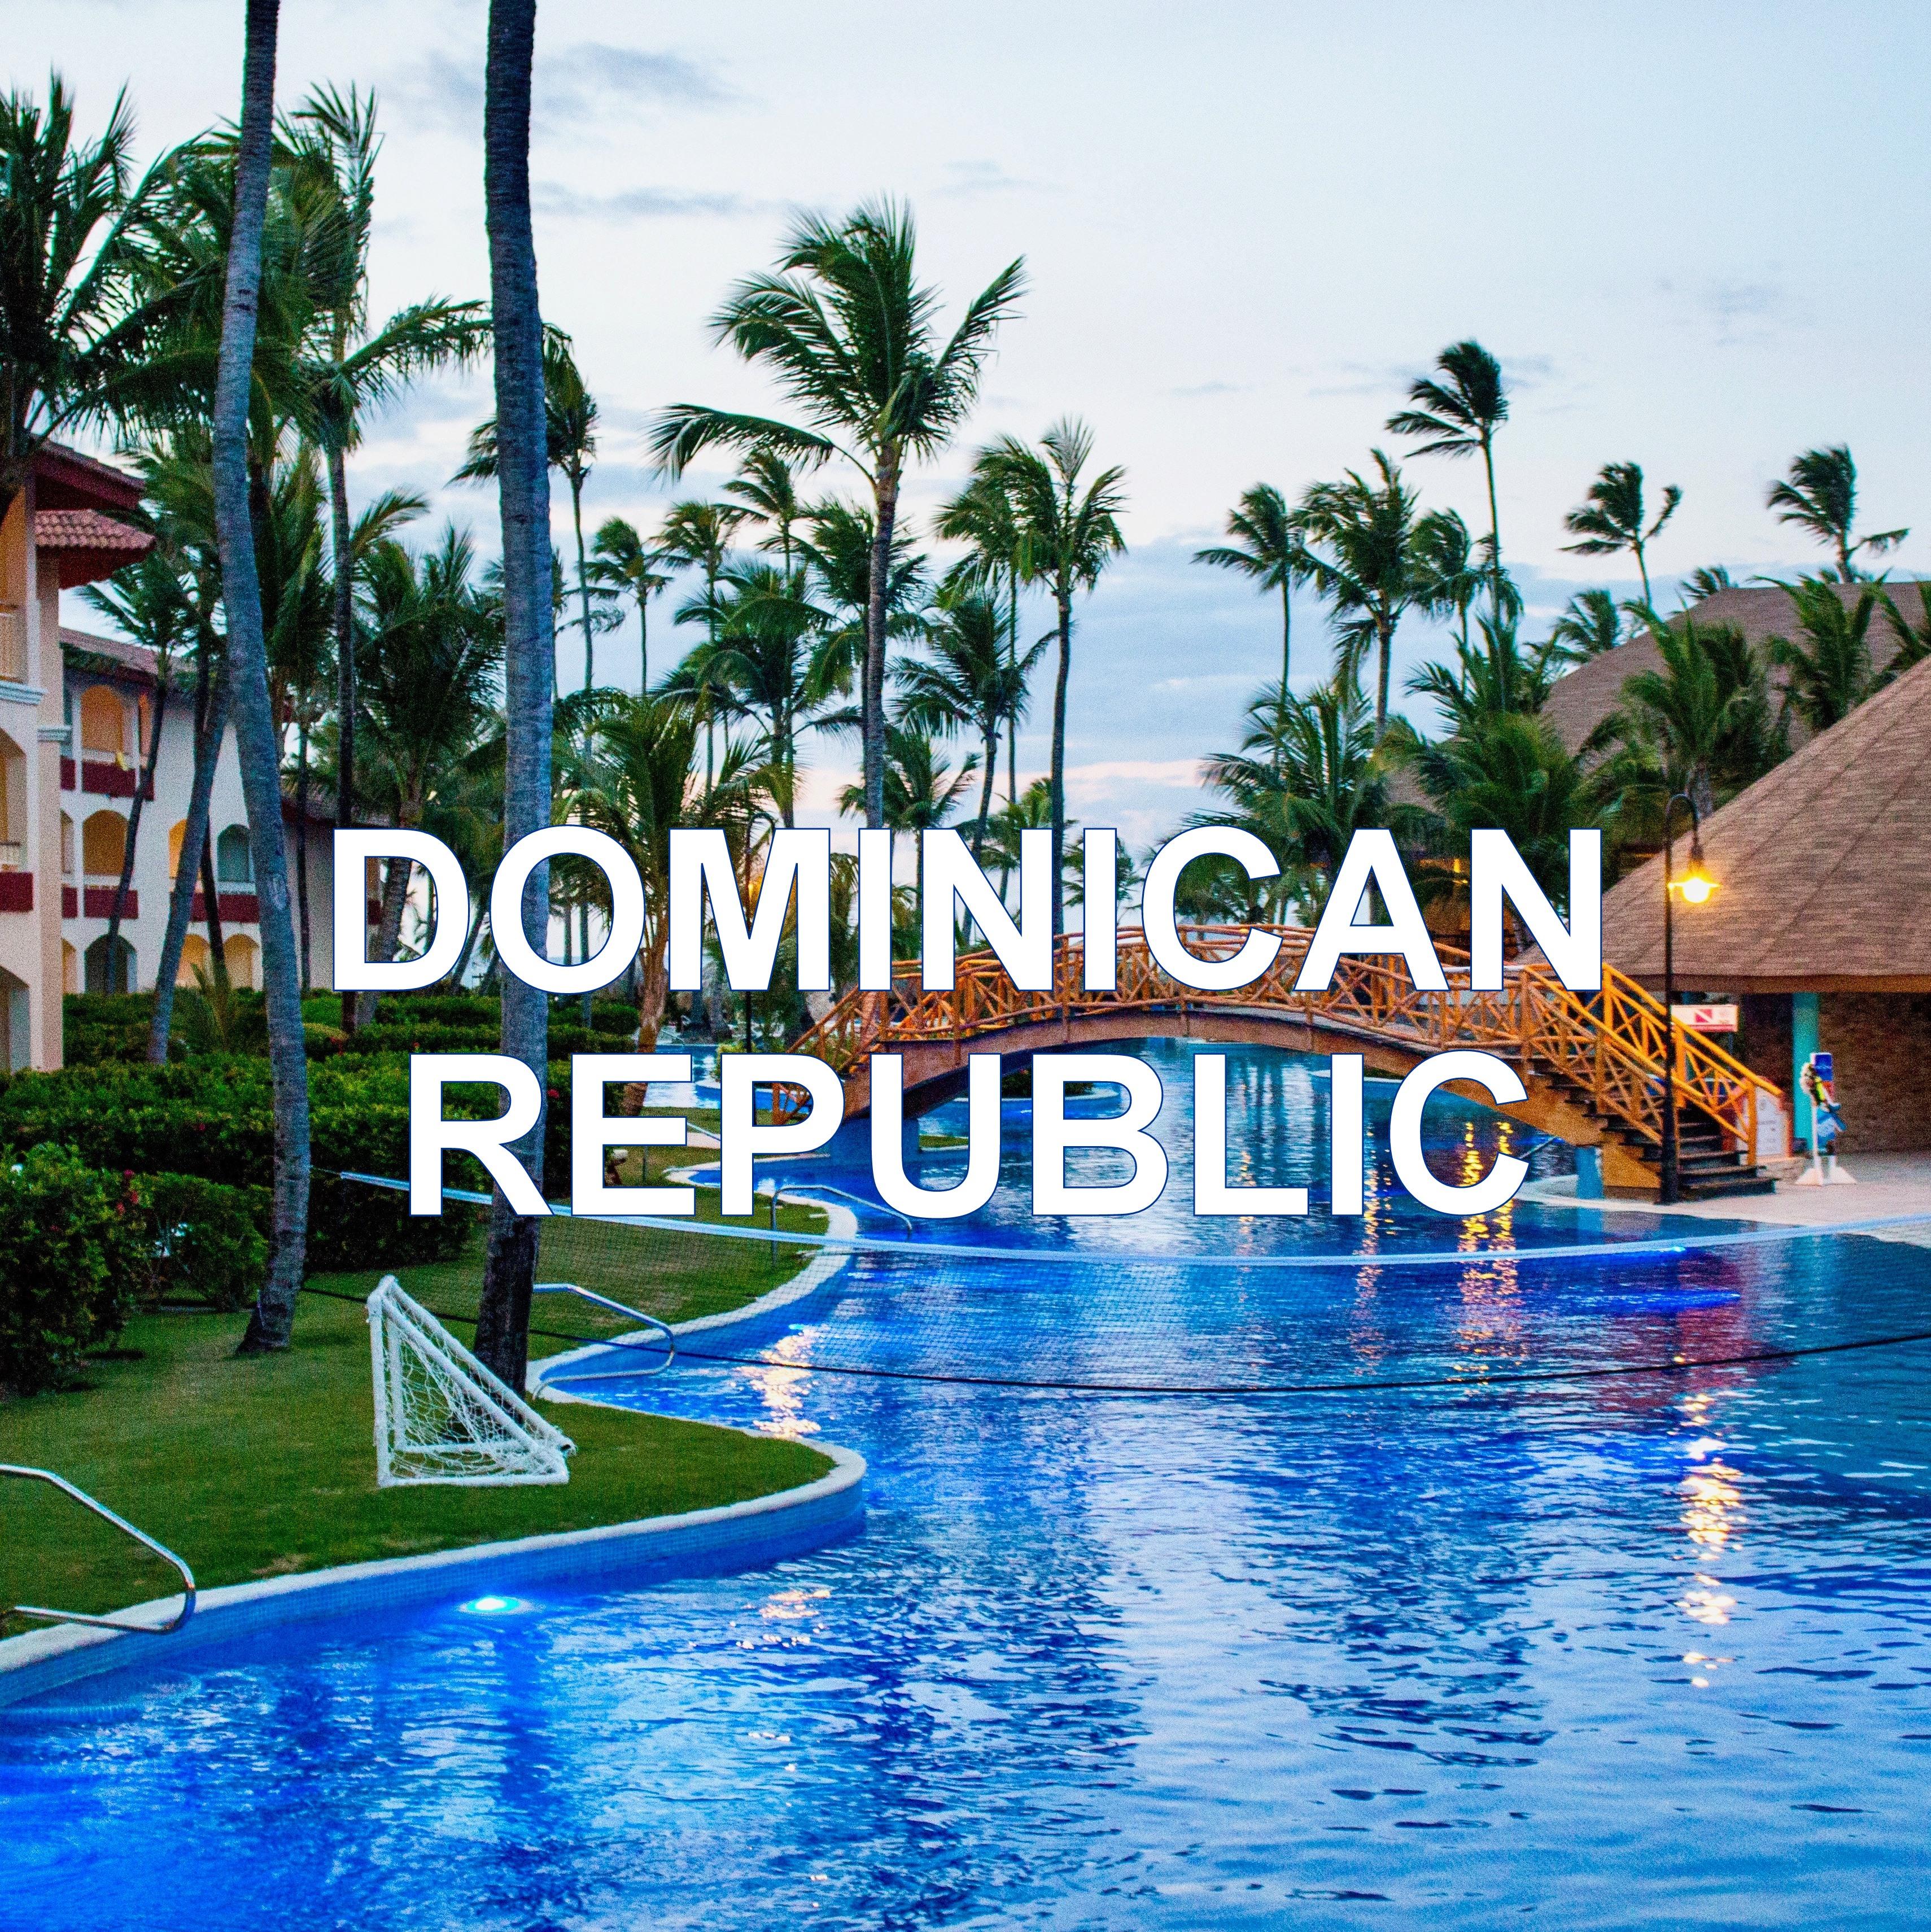 Destination Dominican Republic